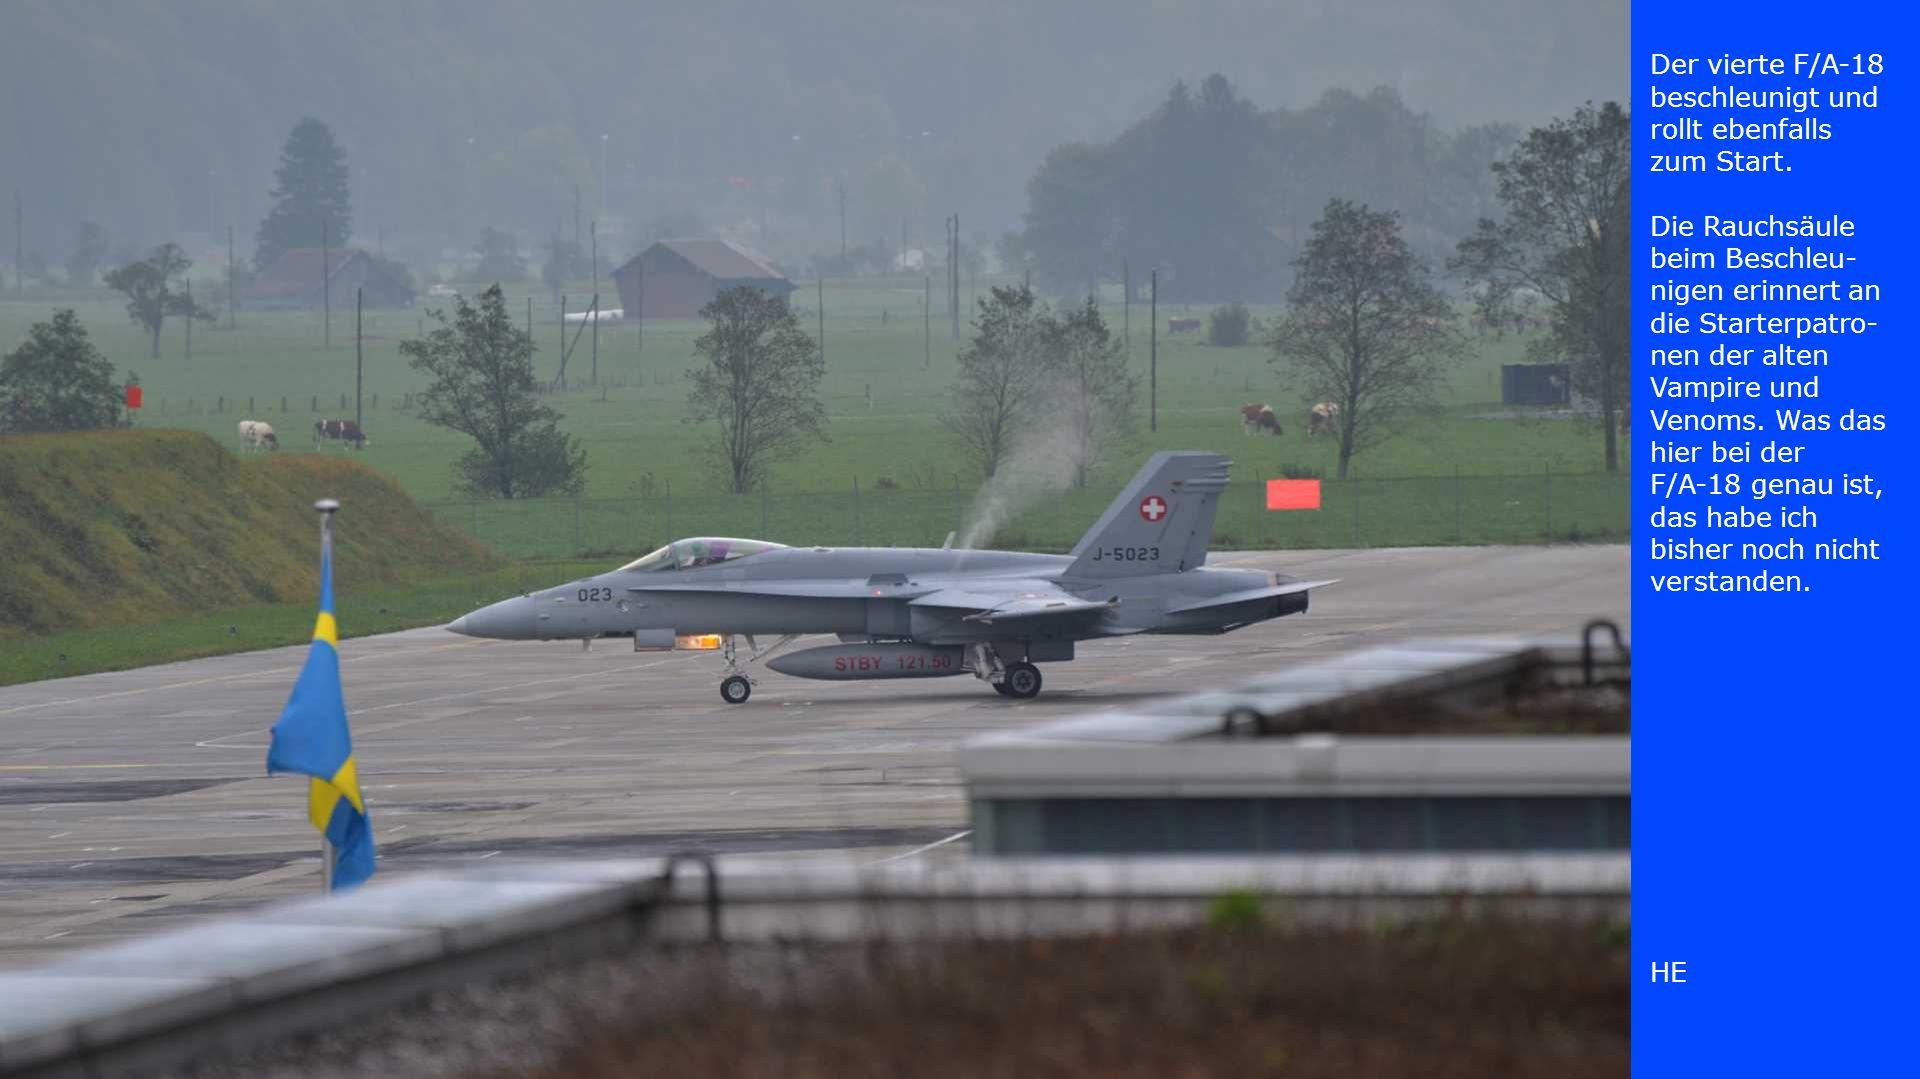 Der vierte F/A-18 beschleunigt und rollt ebenfalls zum Start. Die Rauchsäule beim Beschleu- nigen erinnert an die Starterpatro- nen der alten Vampire